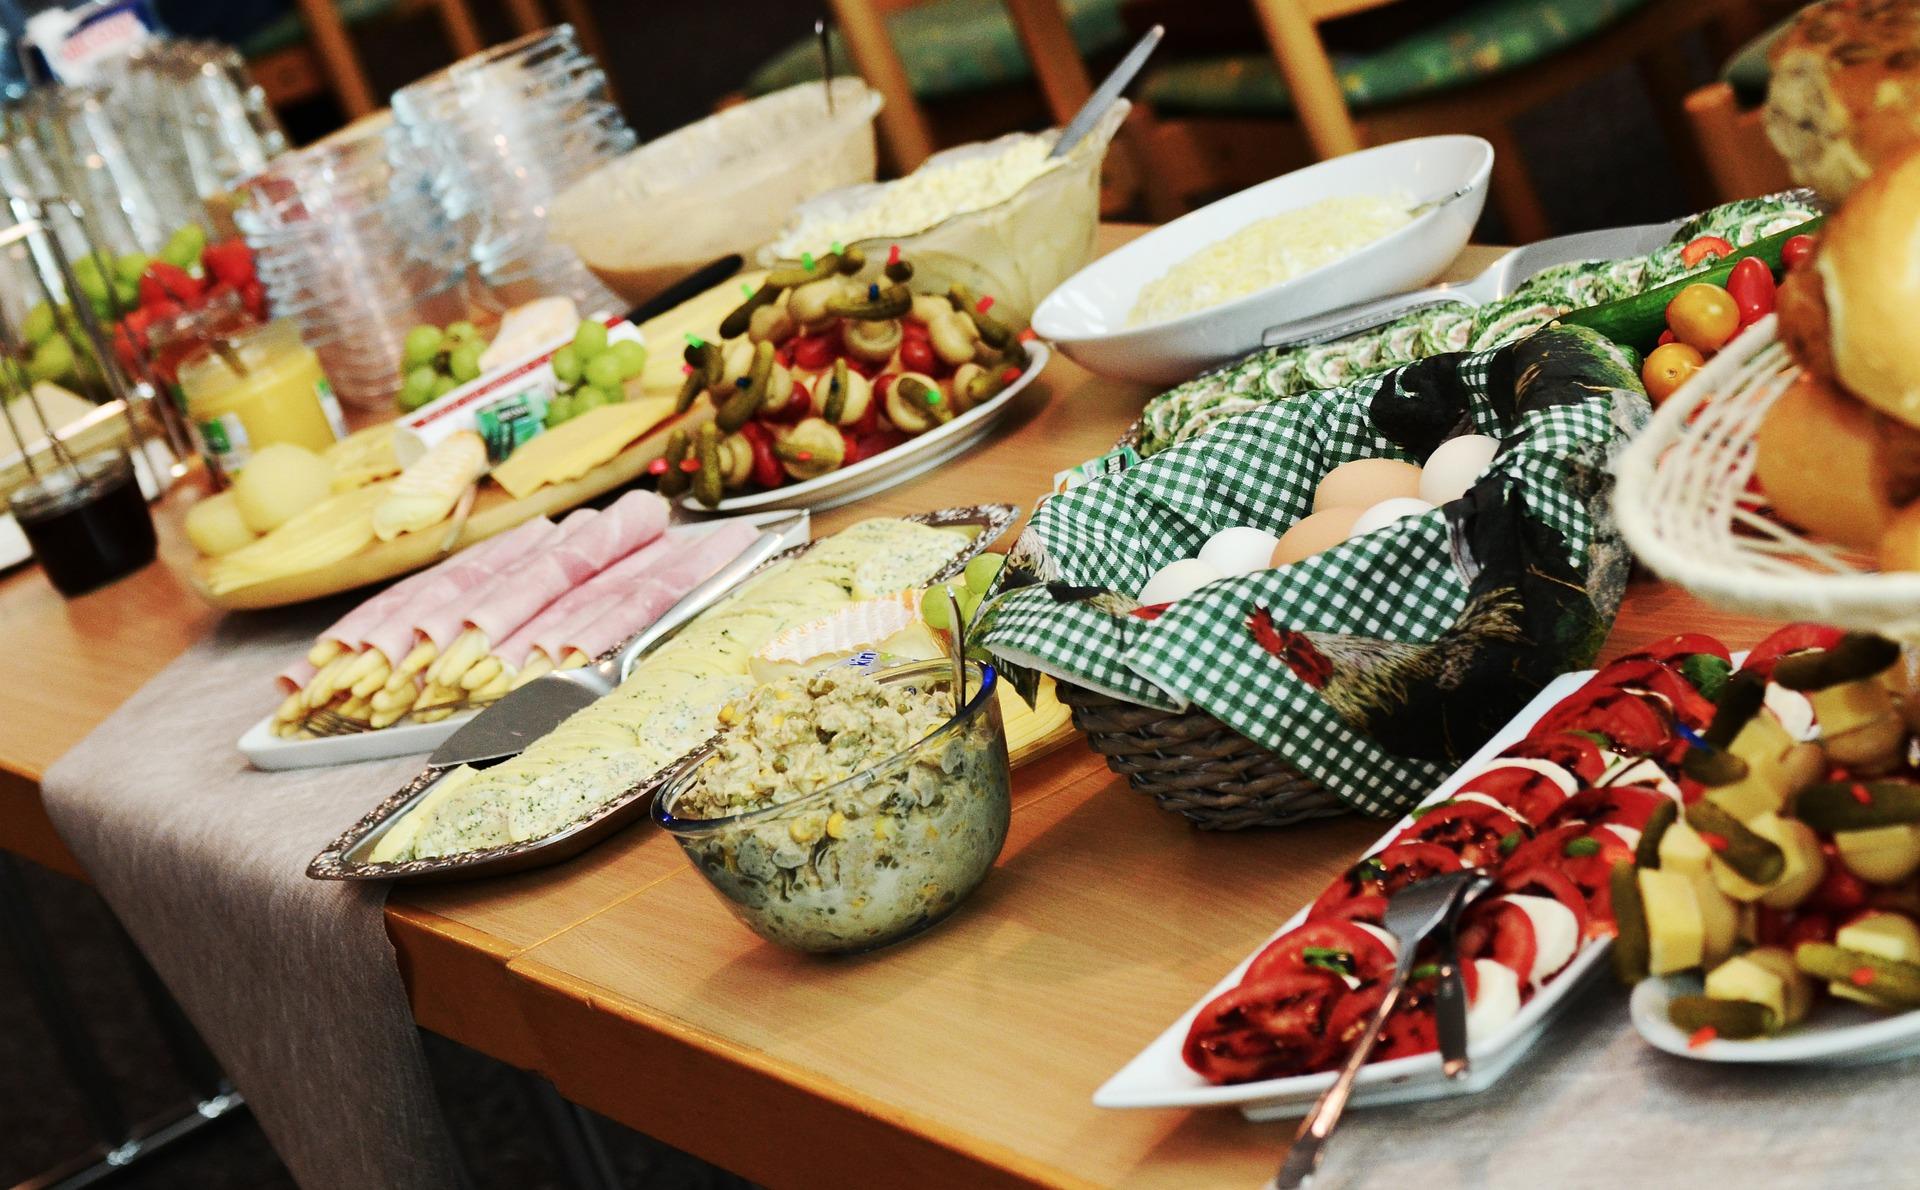 Dinsdag 22 september - ontmoeting en maaltijd